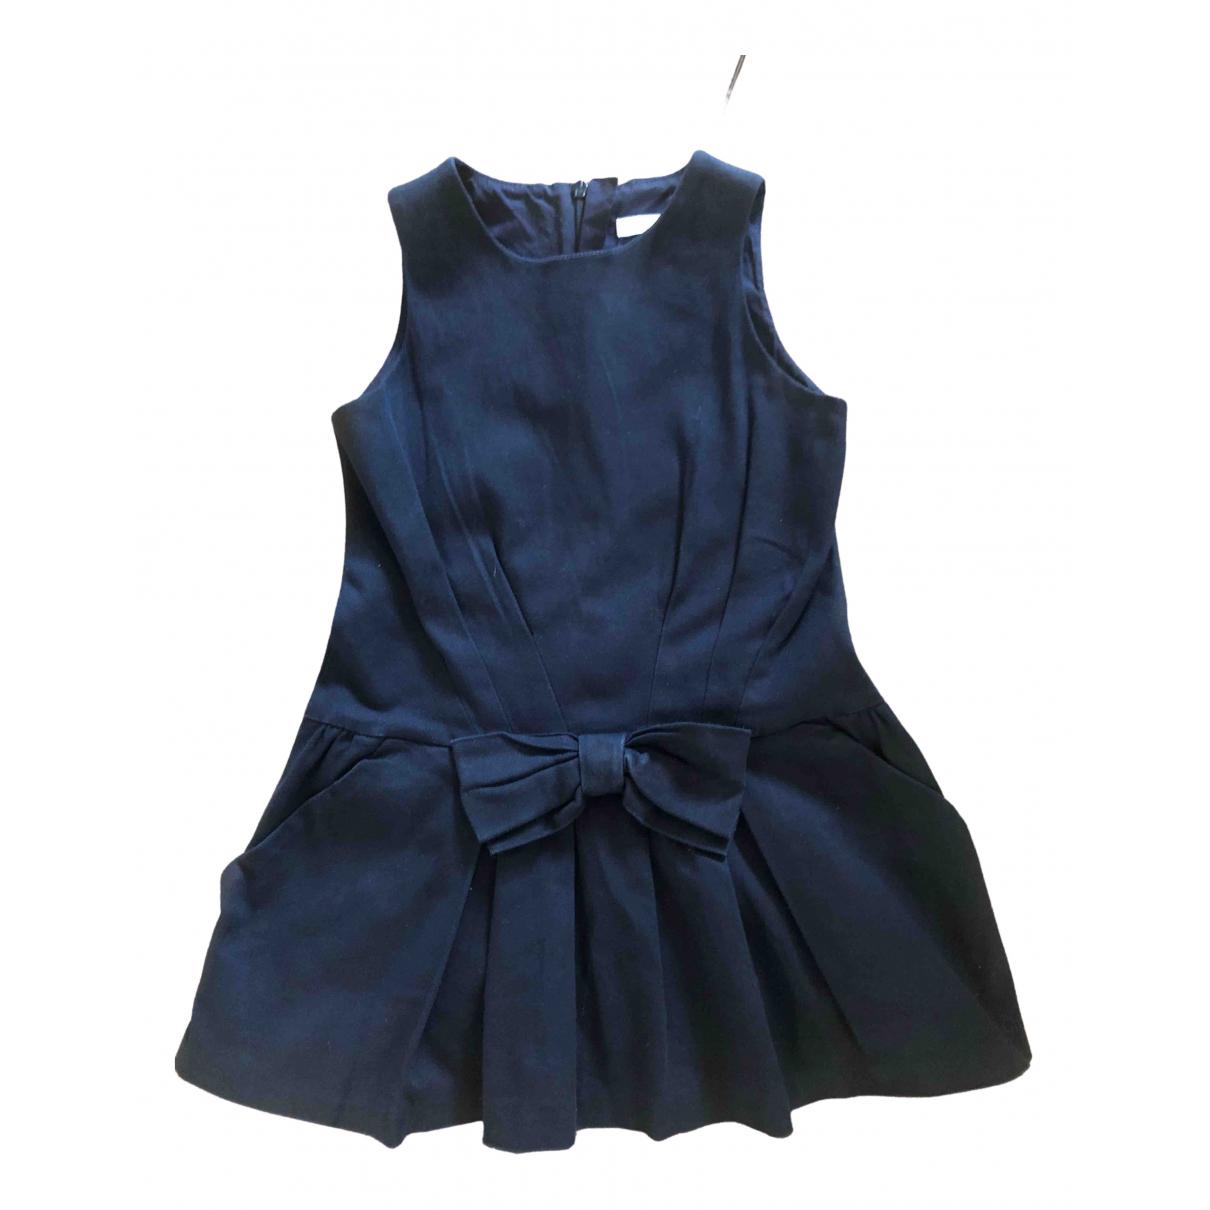 Chloe \N Kleid in  Blau Baumwolle - Elasthan